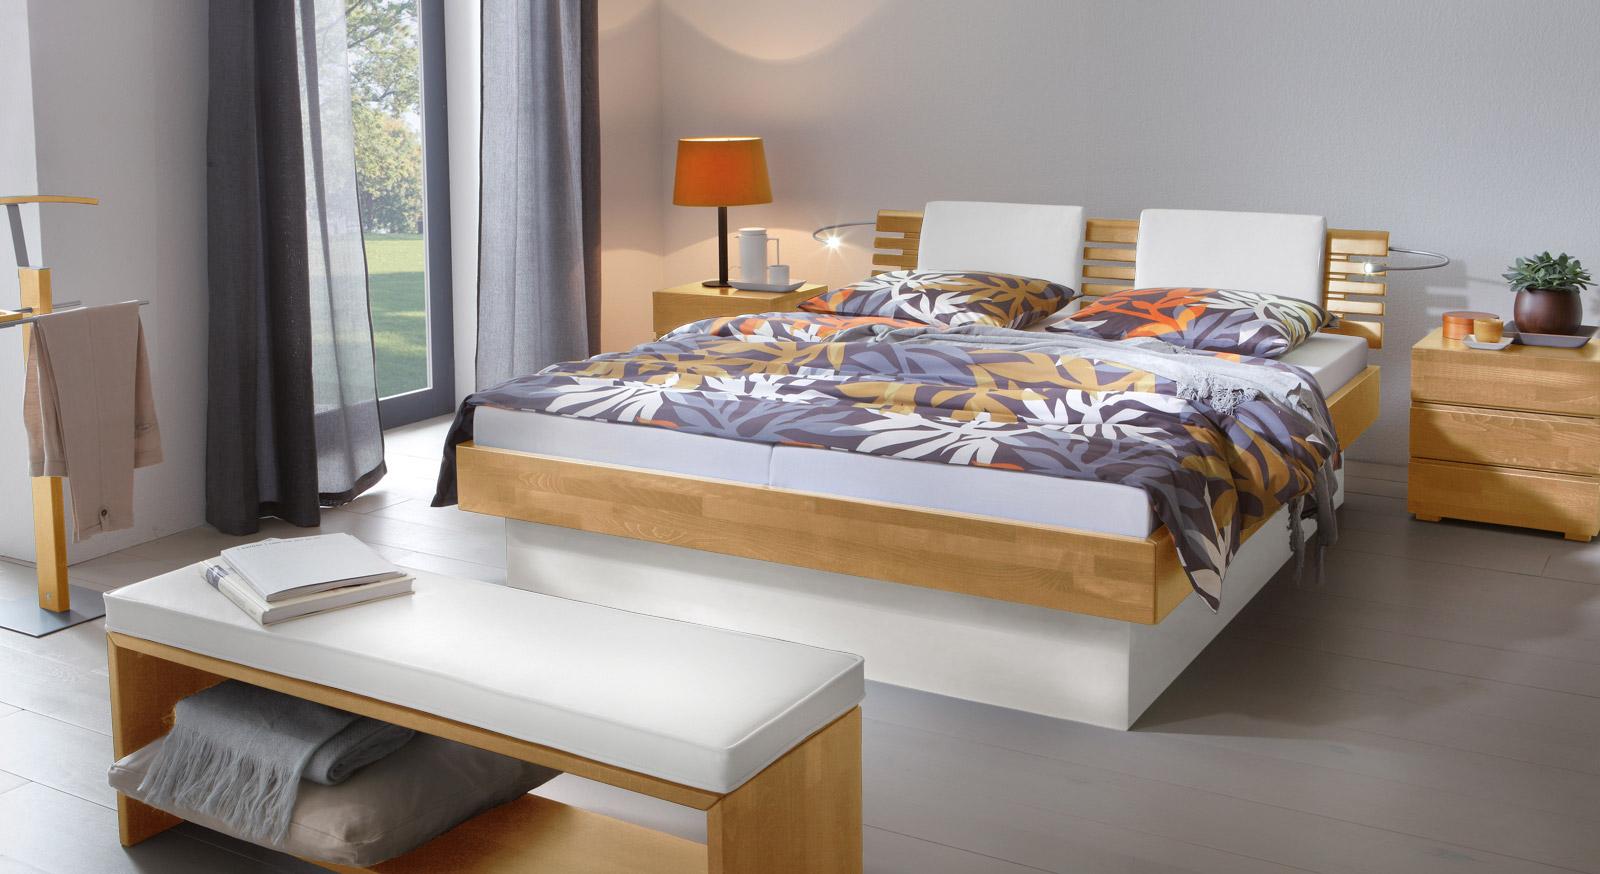 Echtholzbett mit Bettkasten für viel Stauraum - Grosseto